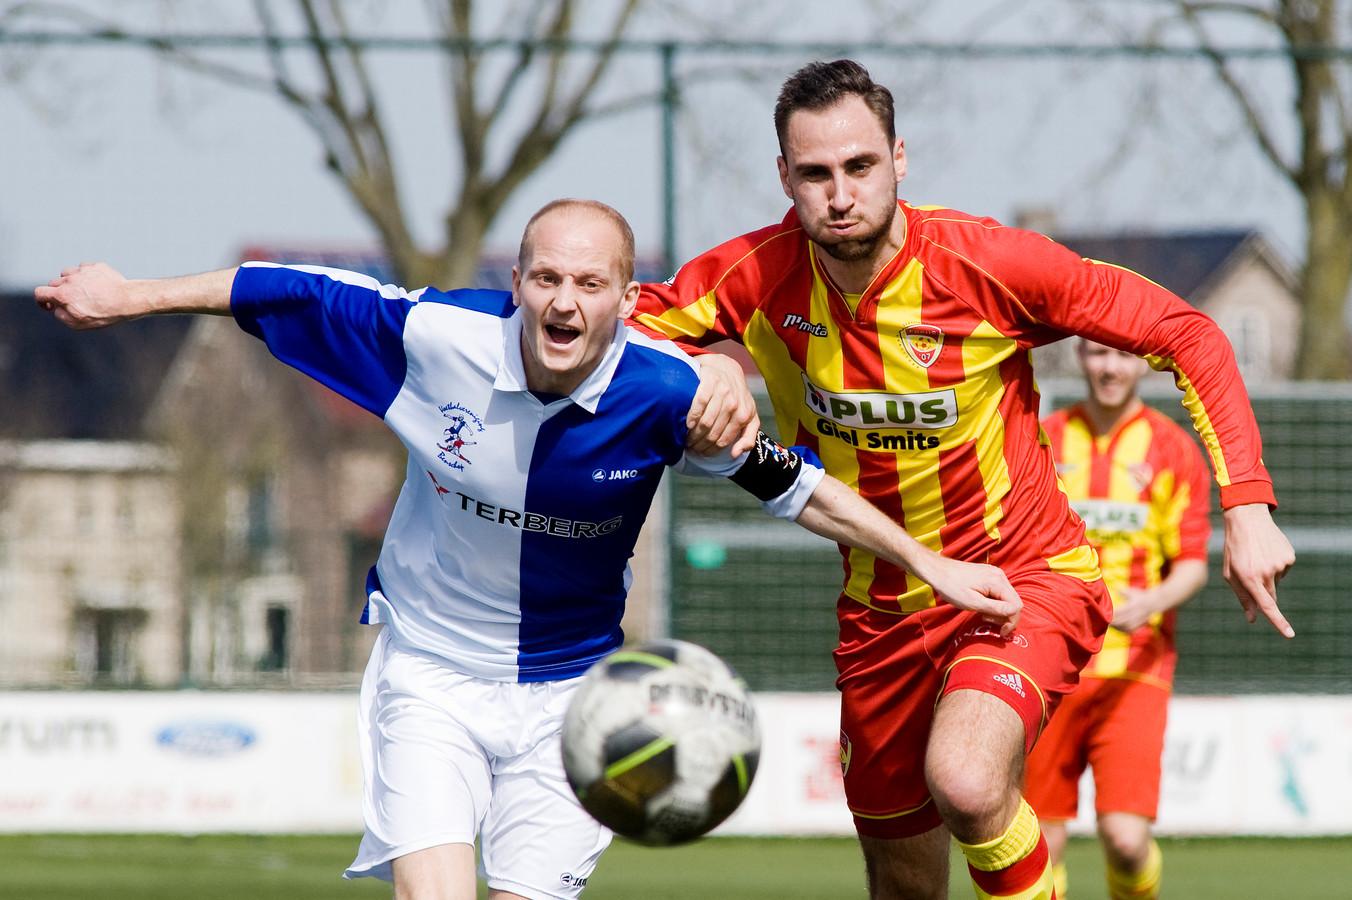 Focus'07 stuit voor de beker op de Culemborgse rivalen van Vriendenschaar.